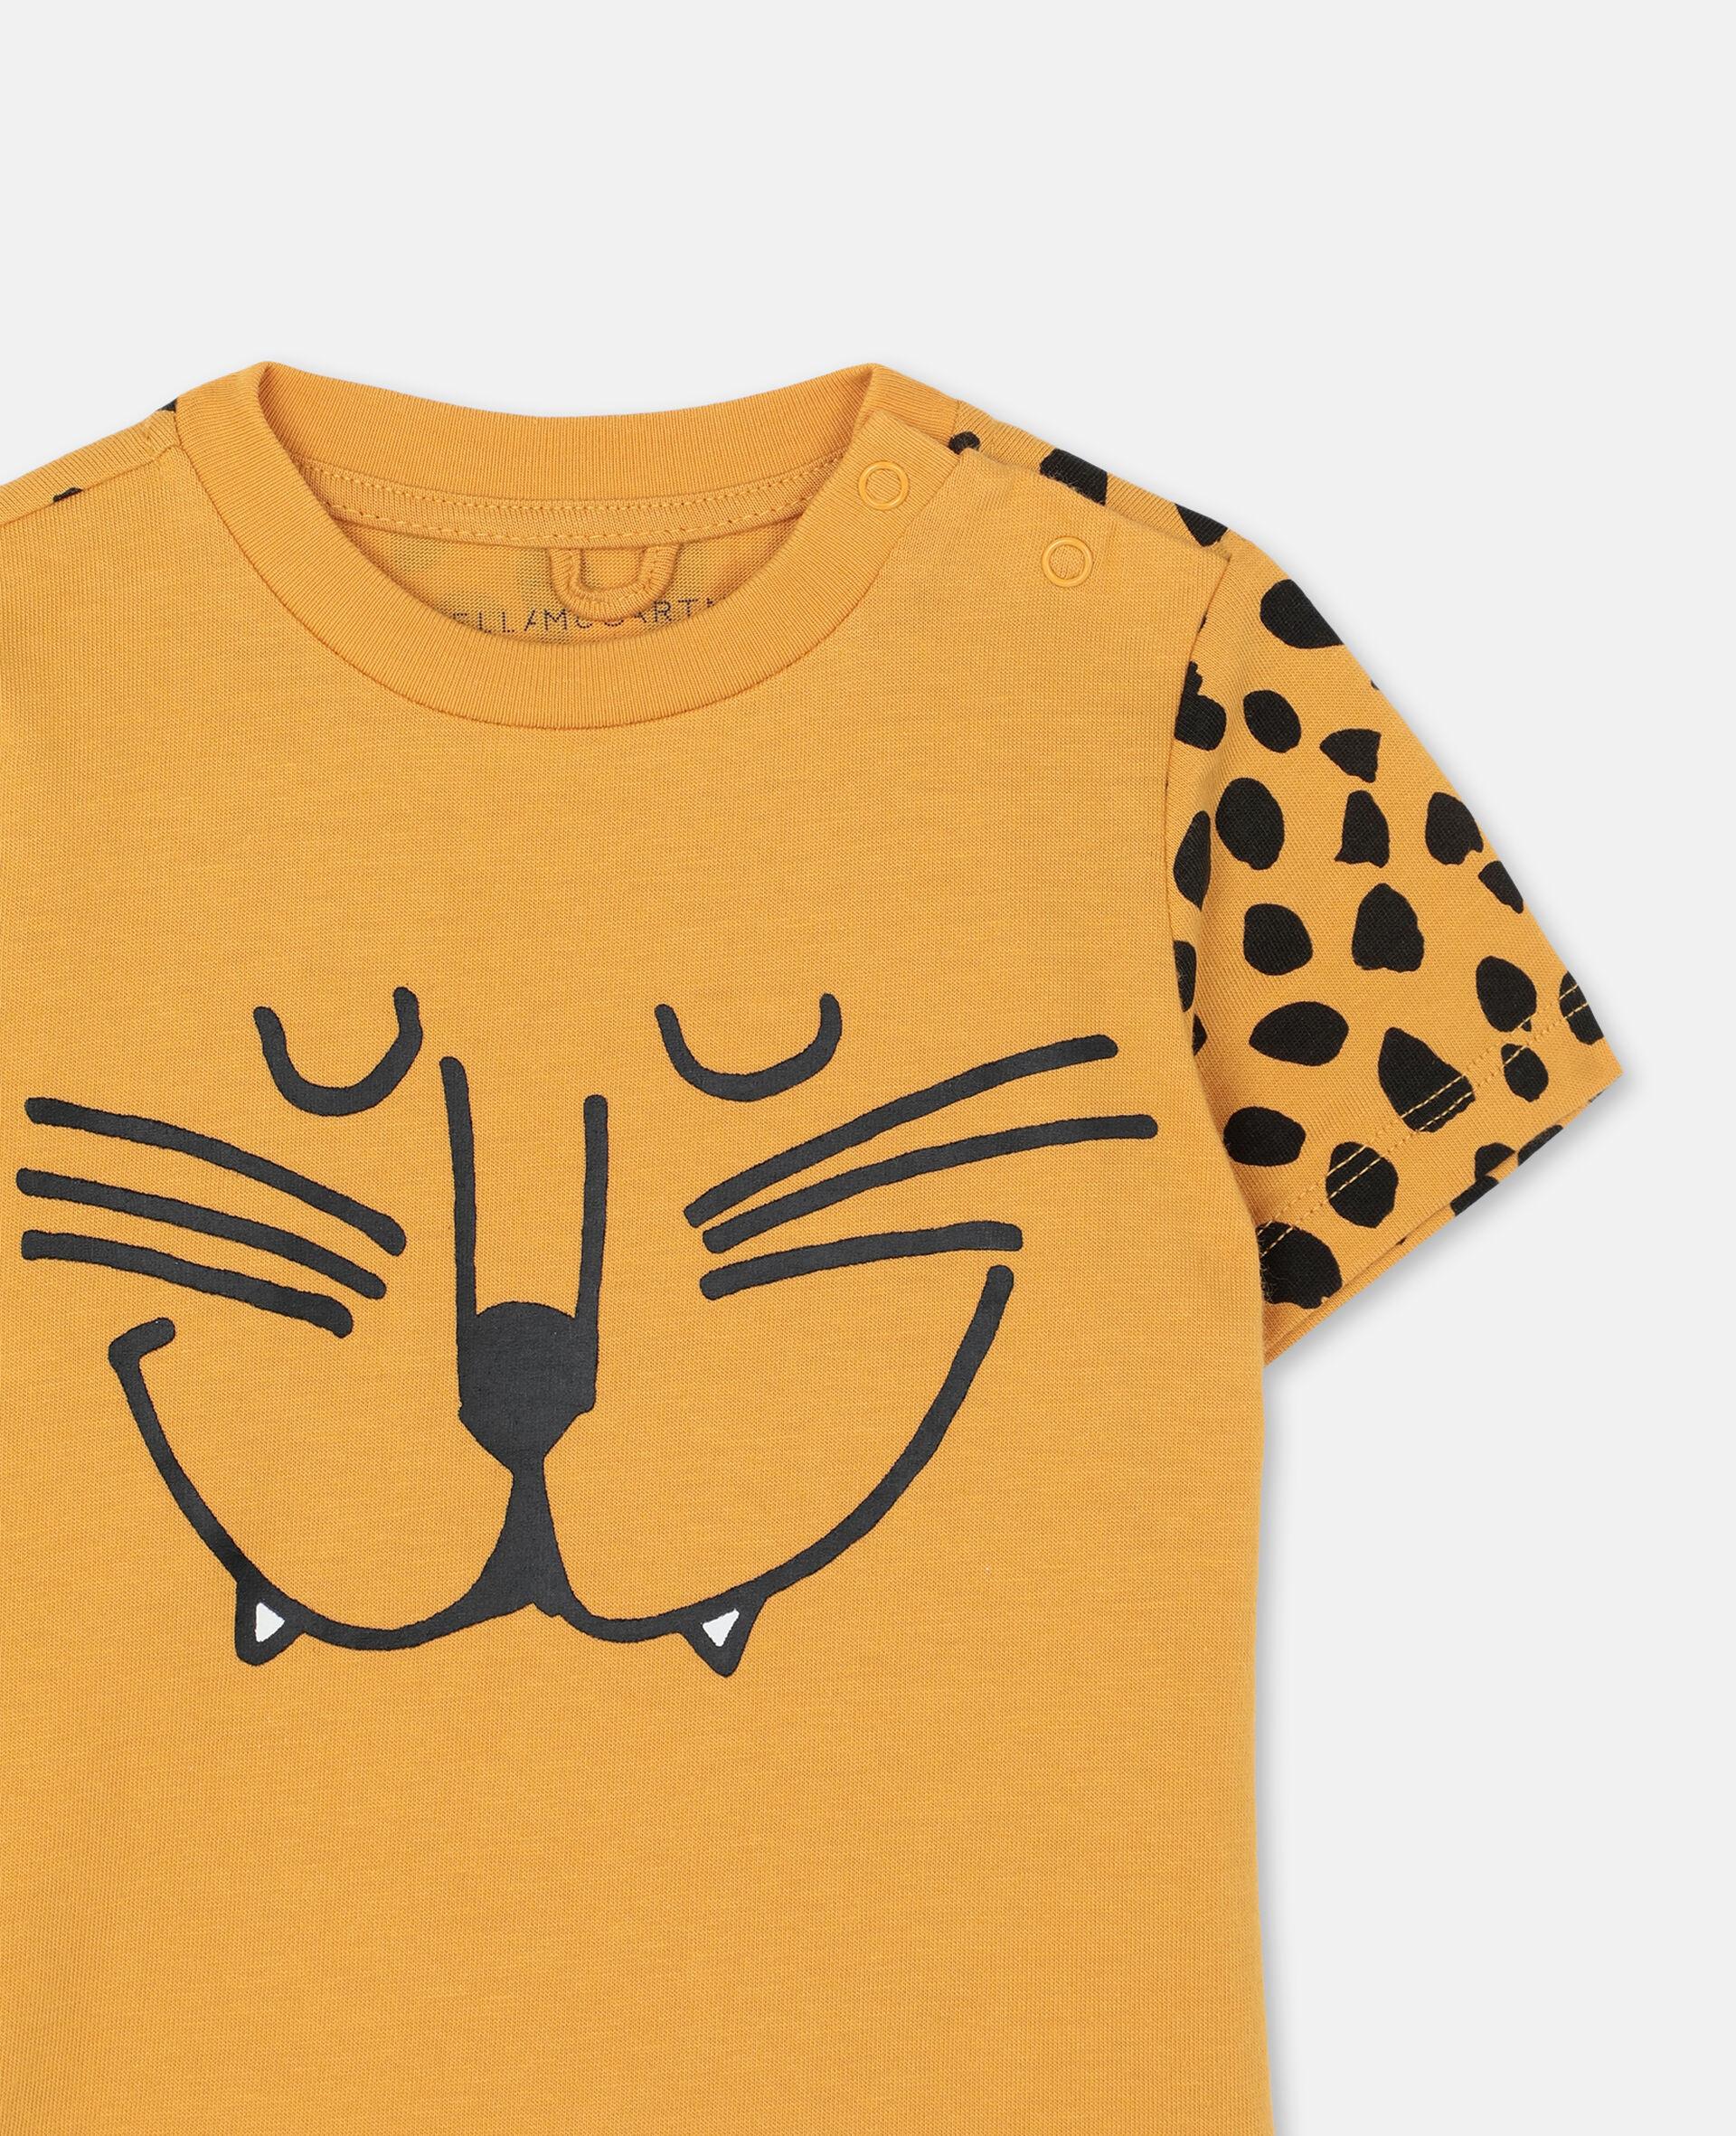 チーター コットン Tシャツ -オレンジ-large image number 1